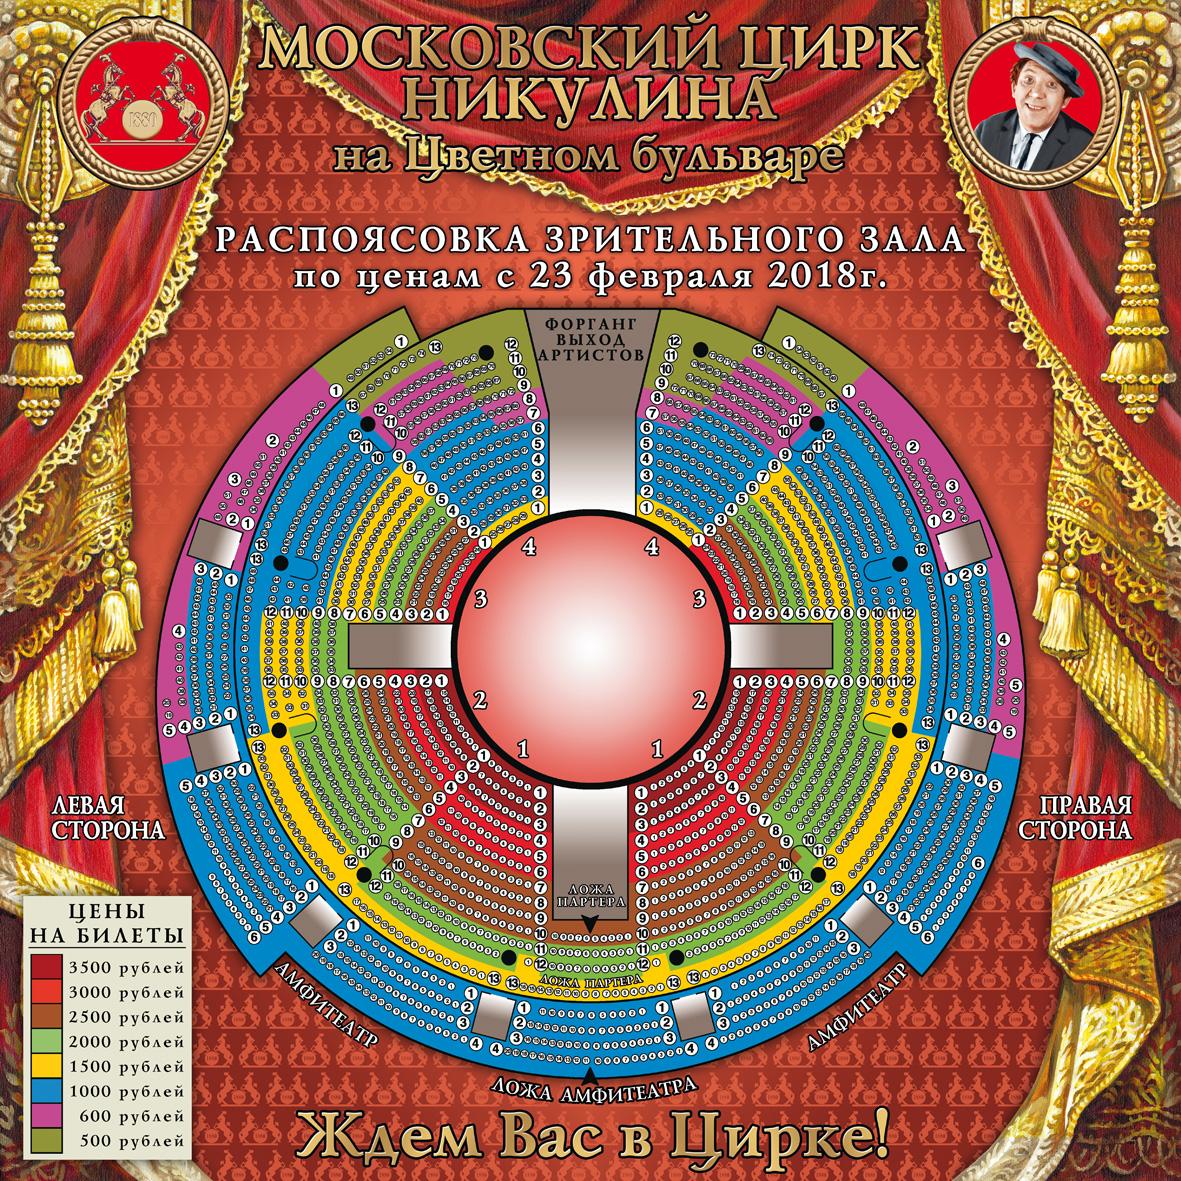 Купить электронный билет на цирк никулина музей булгакова в москве купить билет